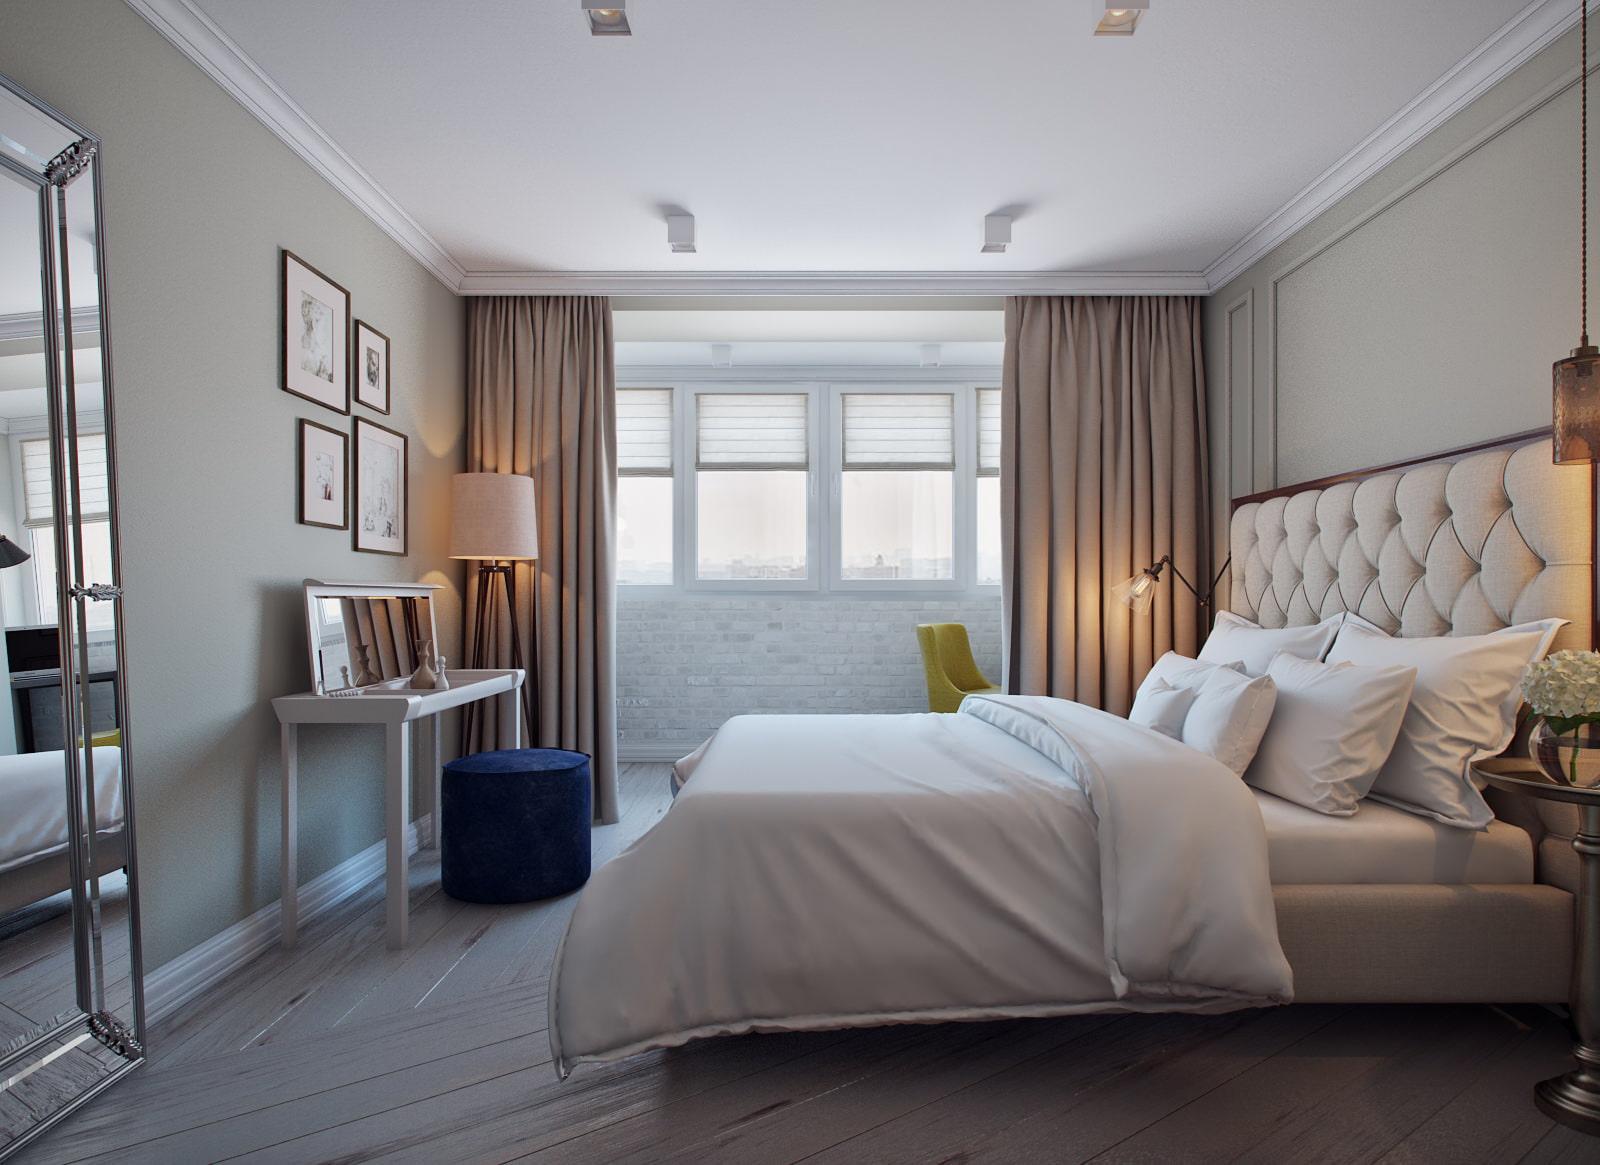 любой город дизайн спальни с балконом в квартире фото сотрудники